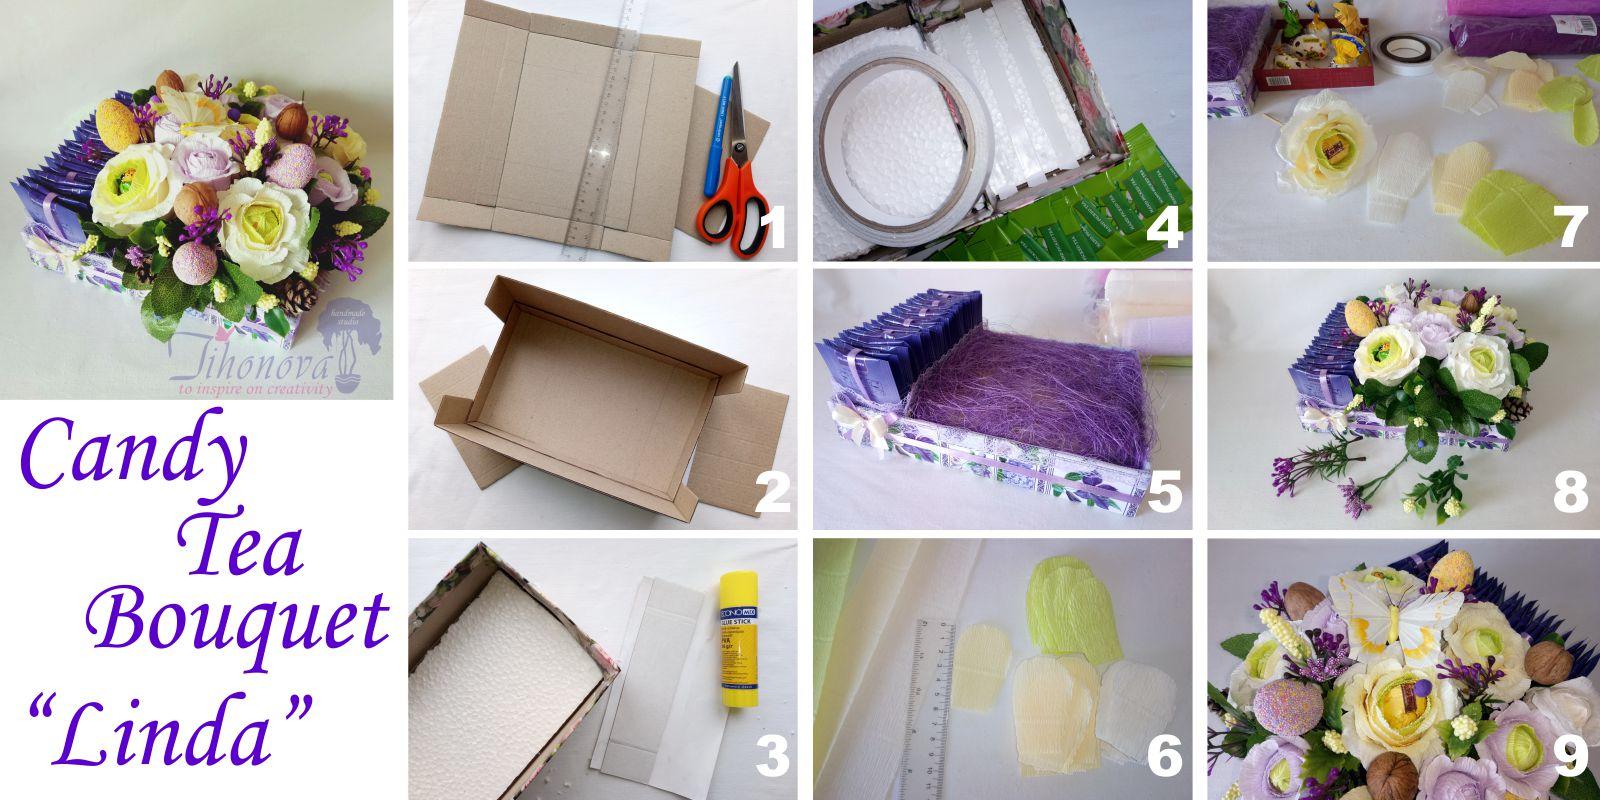 Как сделать букет из чая и конфет своими руками - пошаговое фото пасхальной поделки